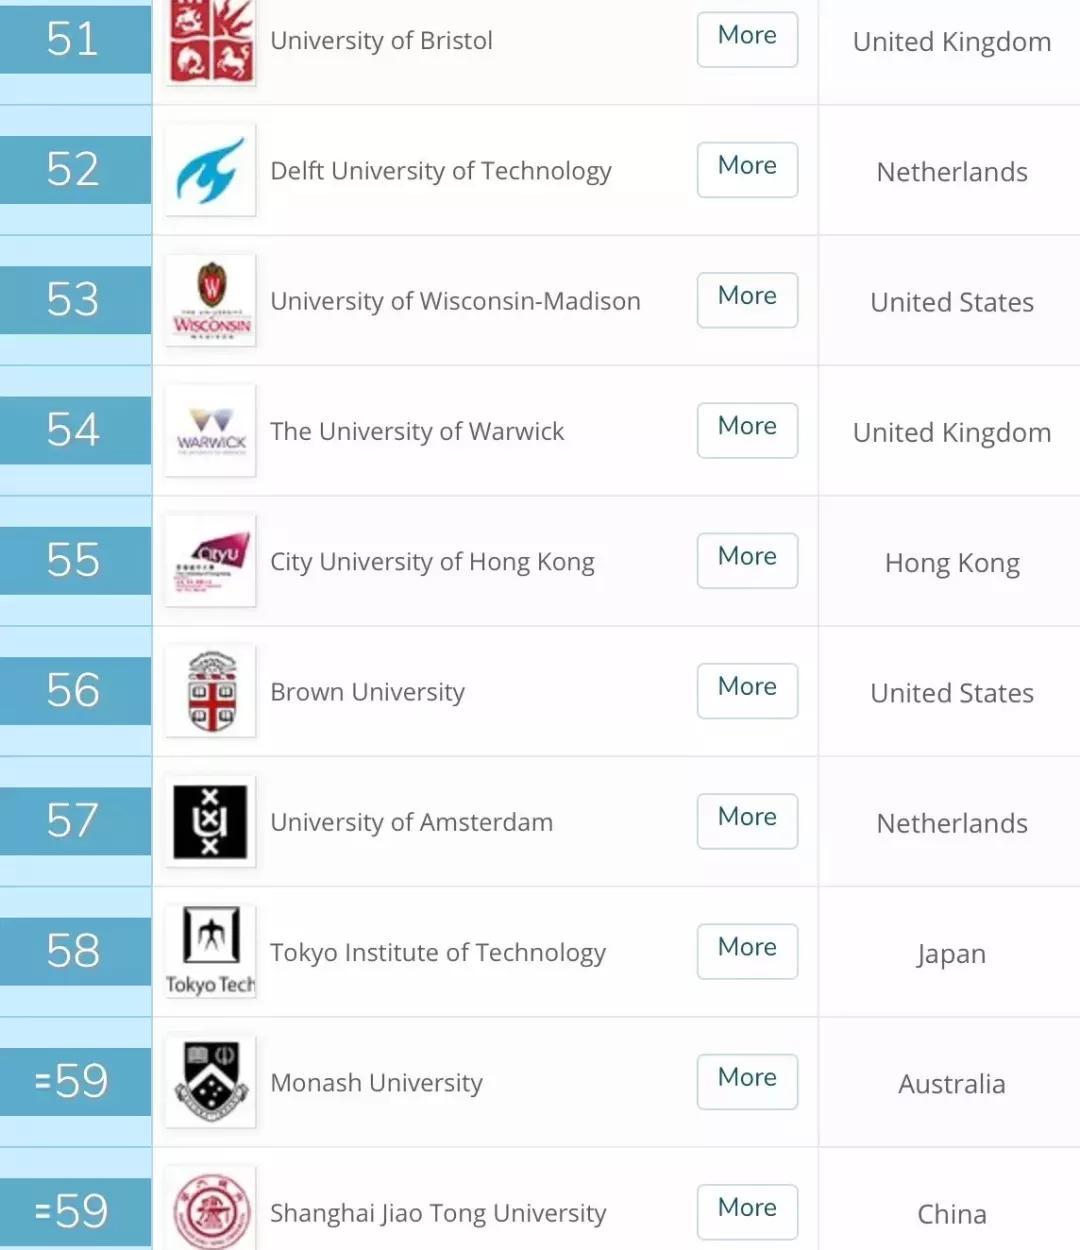 2019年美国宾大学排行榜_USNews 2019 世界大学排行榜出炉,临床领域全球前